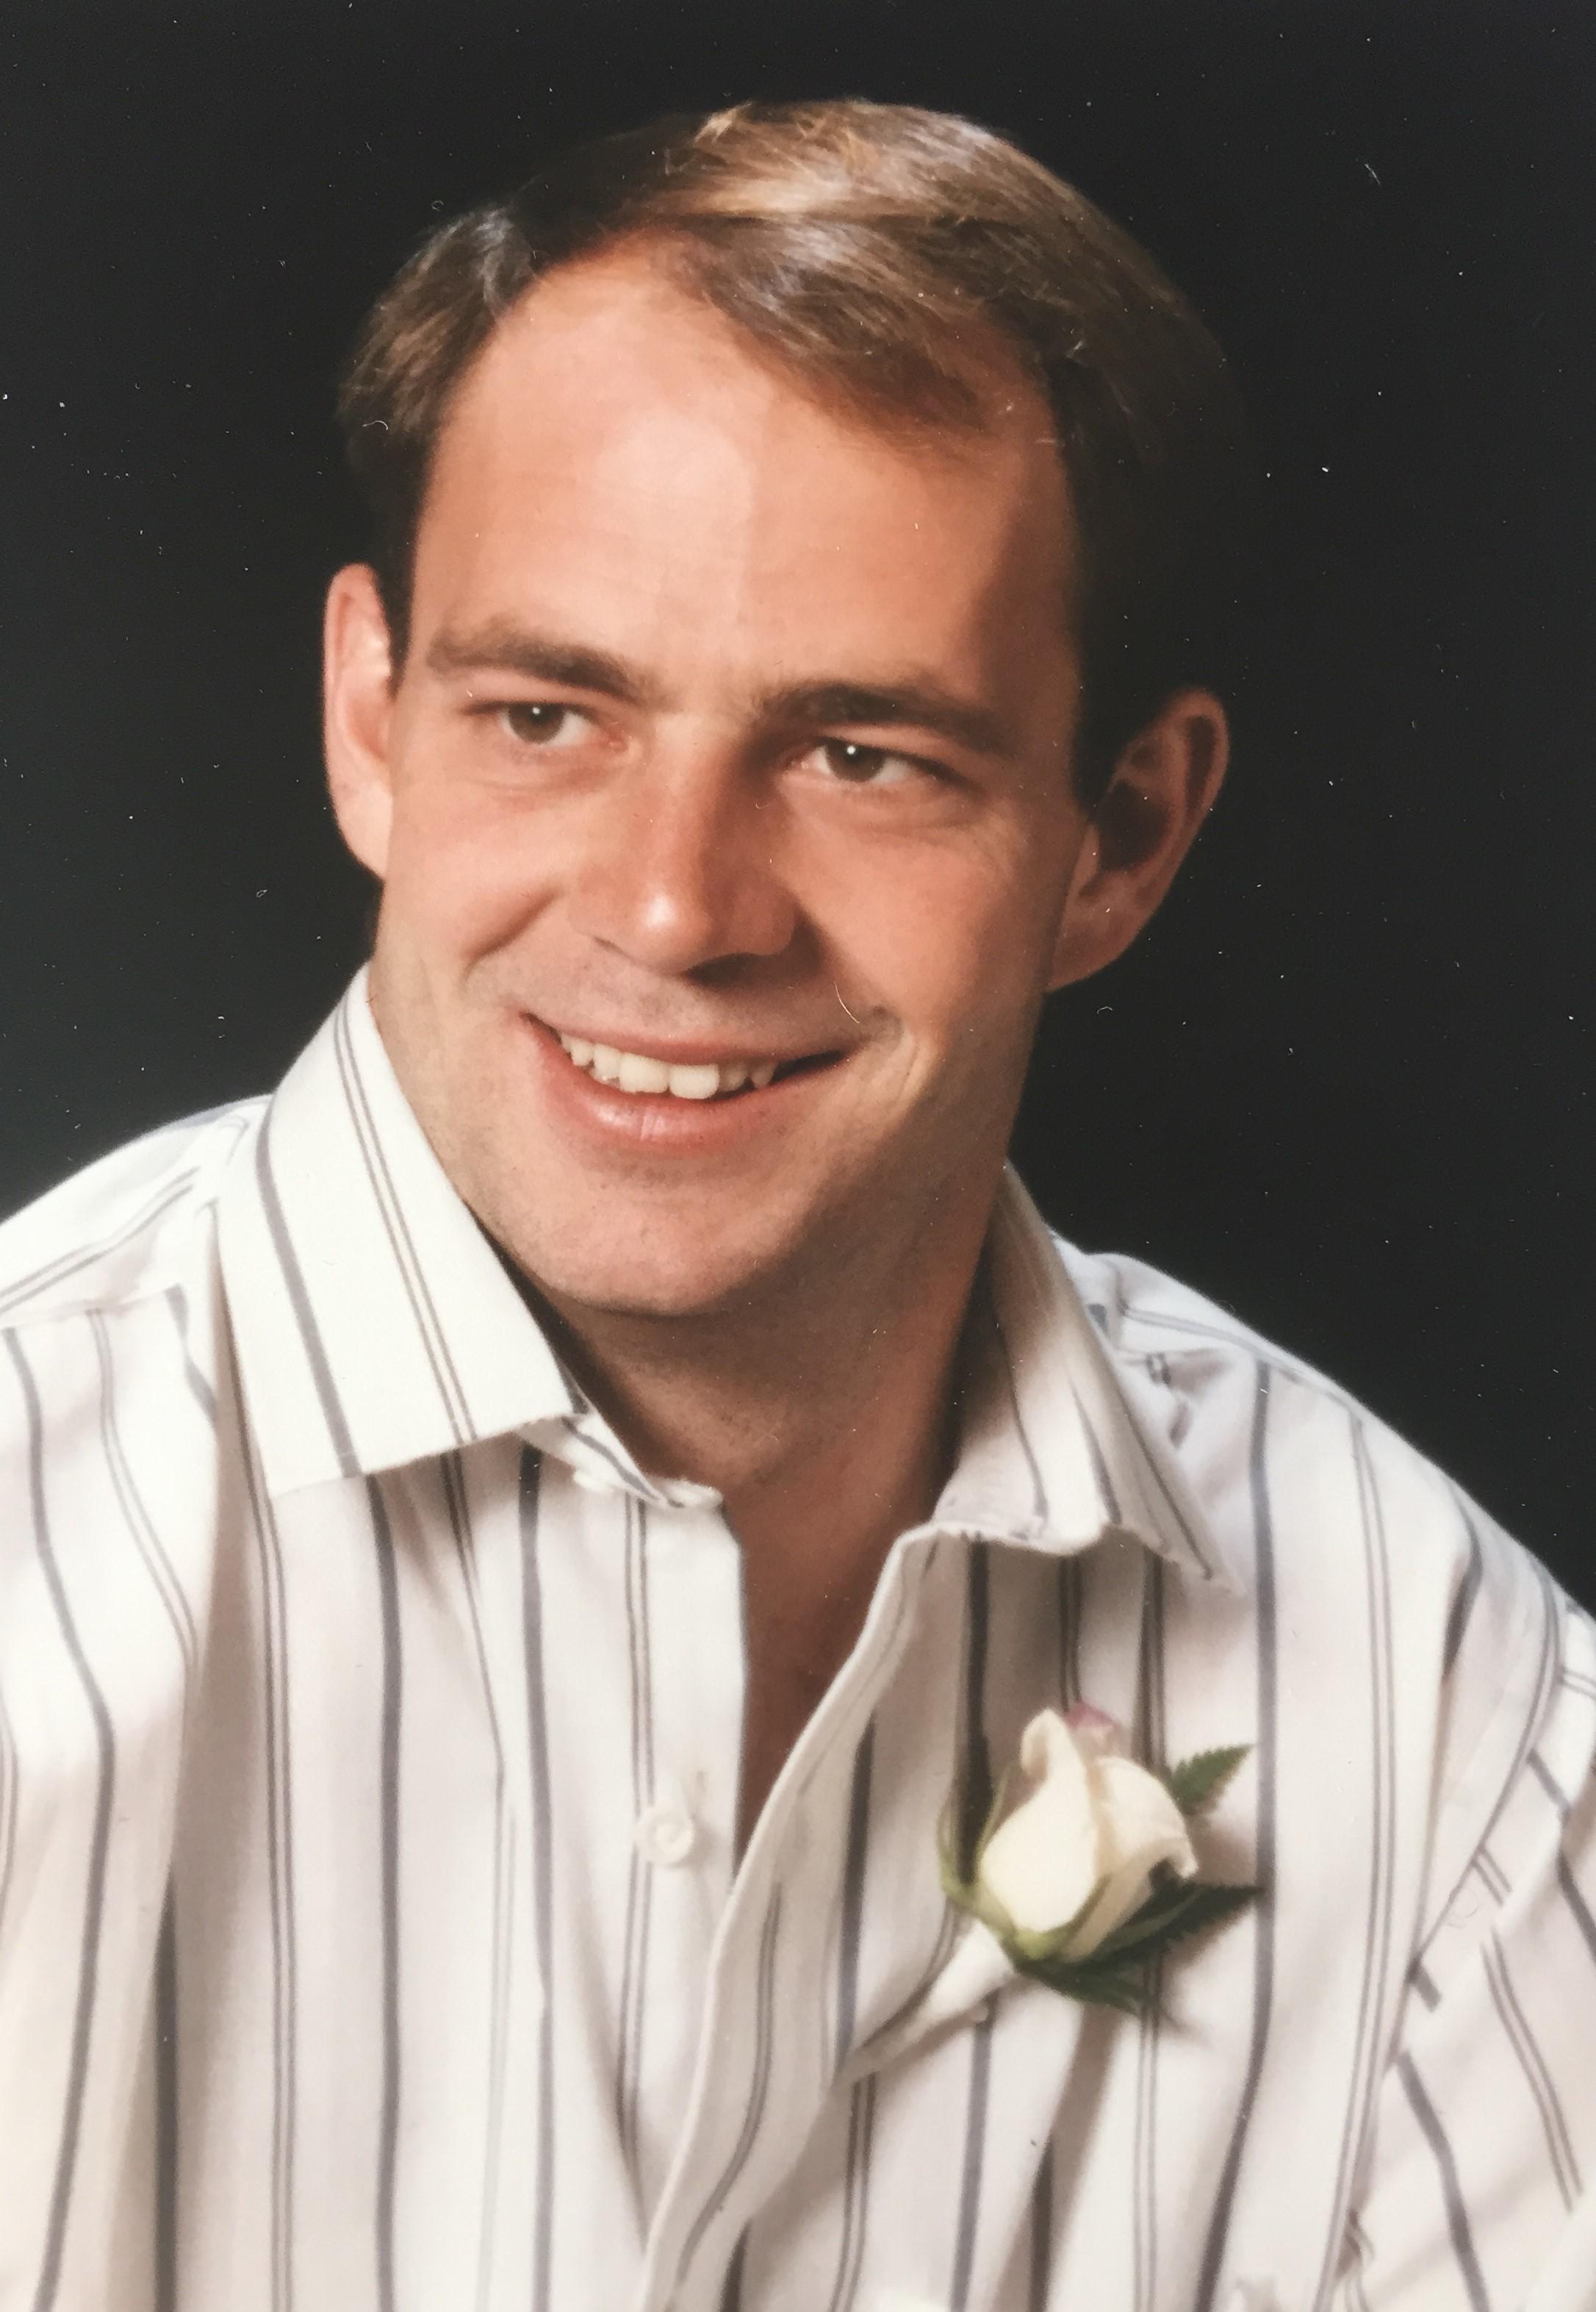 Daniel B. Worley